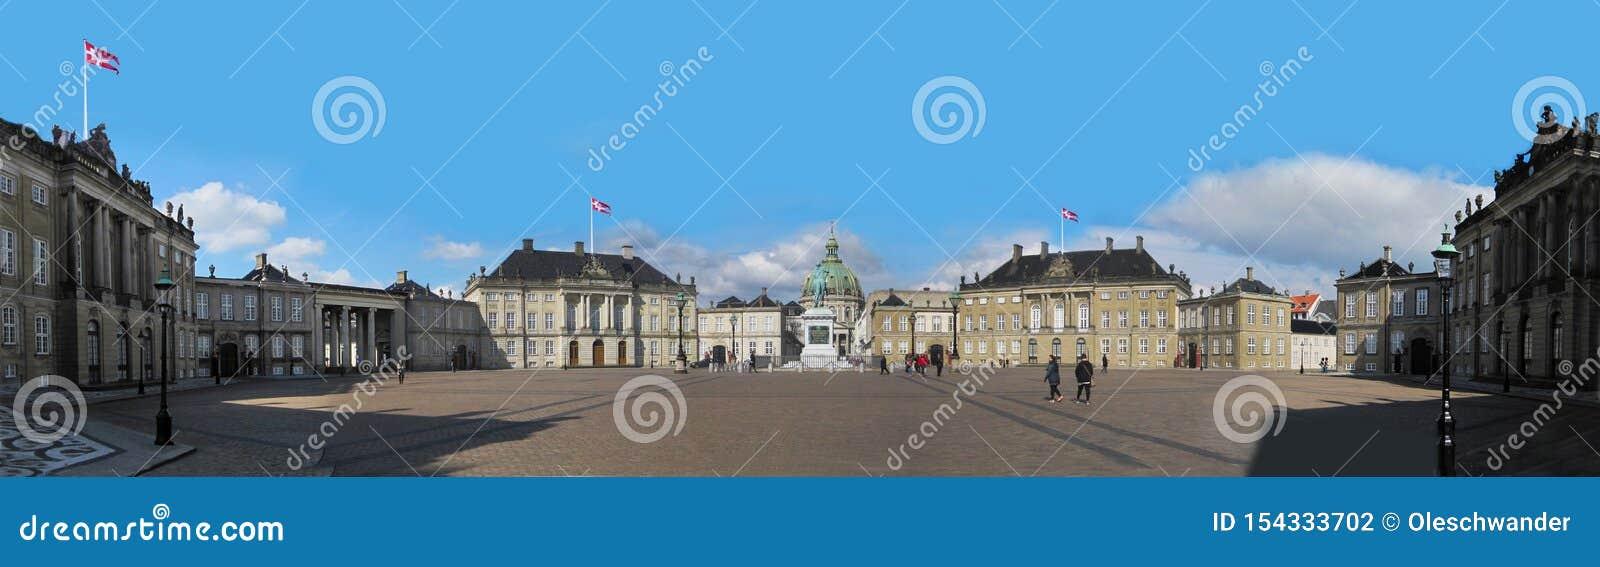 Άποψη πανοράματος του παλατιού Amalienborg, το σπίτι της δανικής βασιλικής οικογένειας, και τοποθετημένος στην Κοπεγχάγη, Δανία